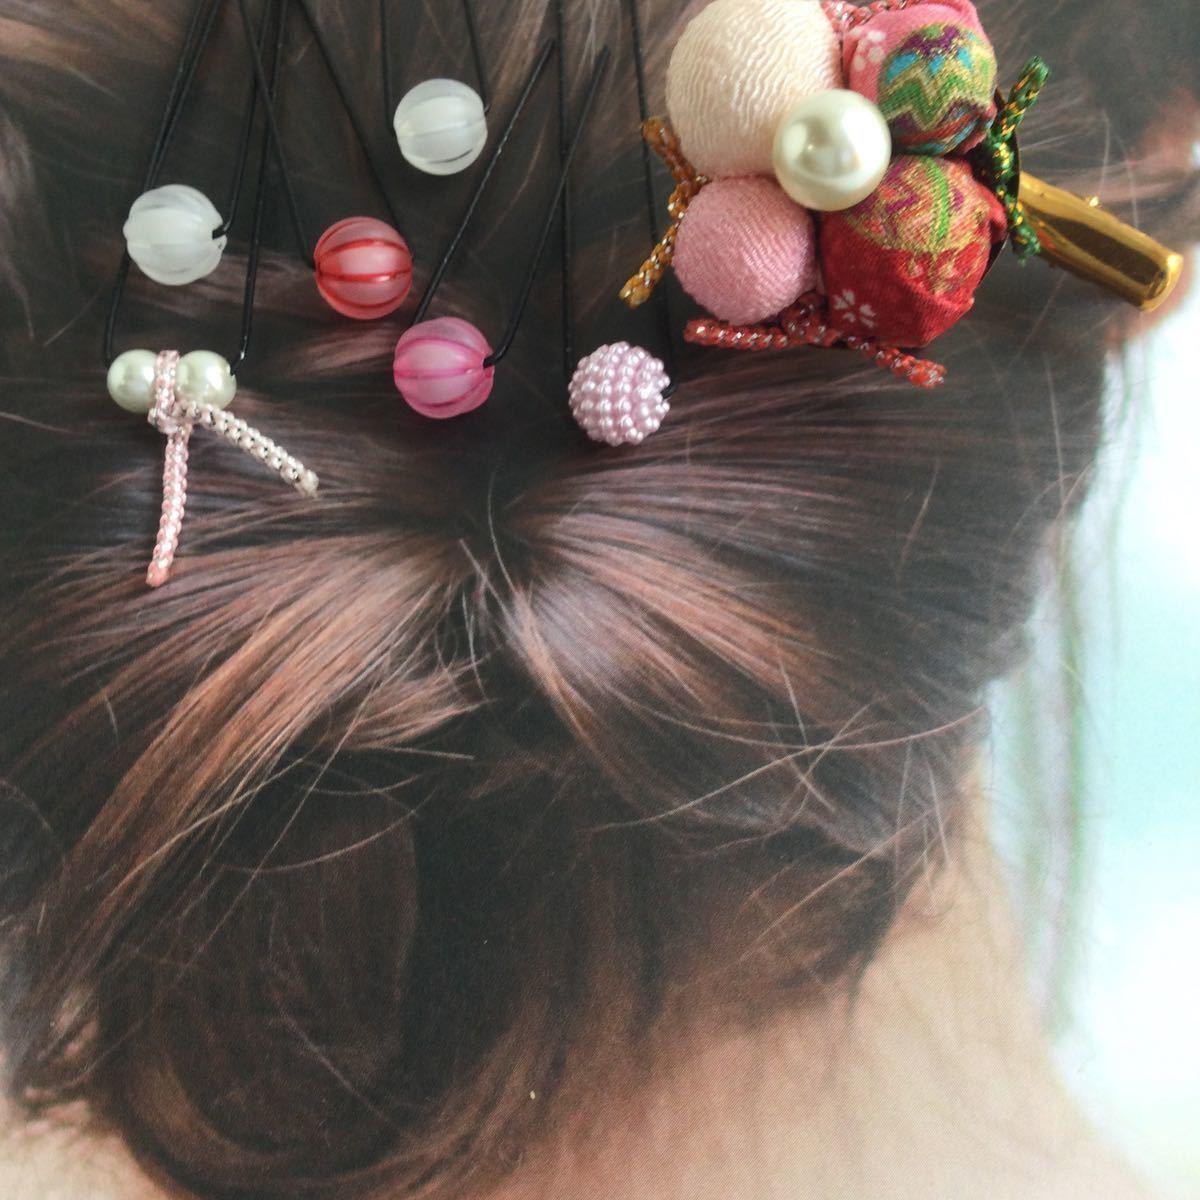 髪飾りセット ヘアーアクセサリー ヘアクリップ 浴衣 かんざし髪飾り  ハンドメイド未使用 お団子ヘア パールヘアピン ちりめん細工